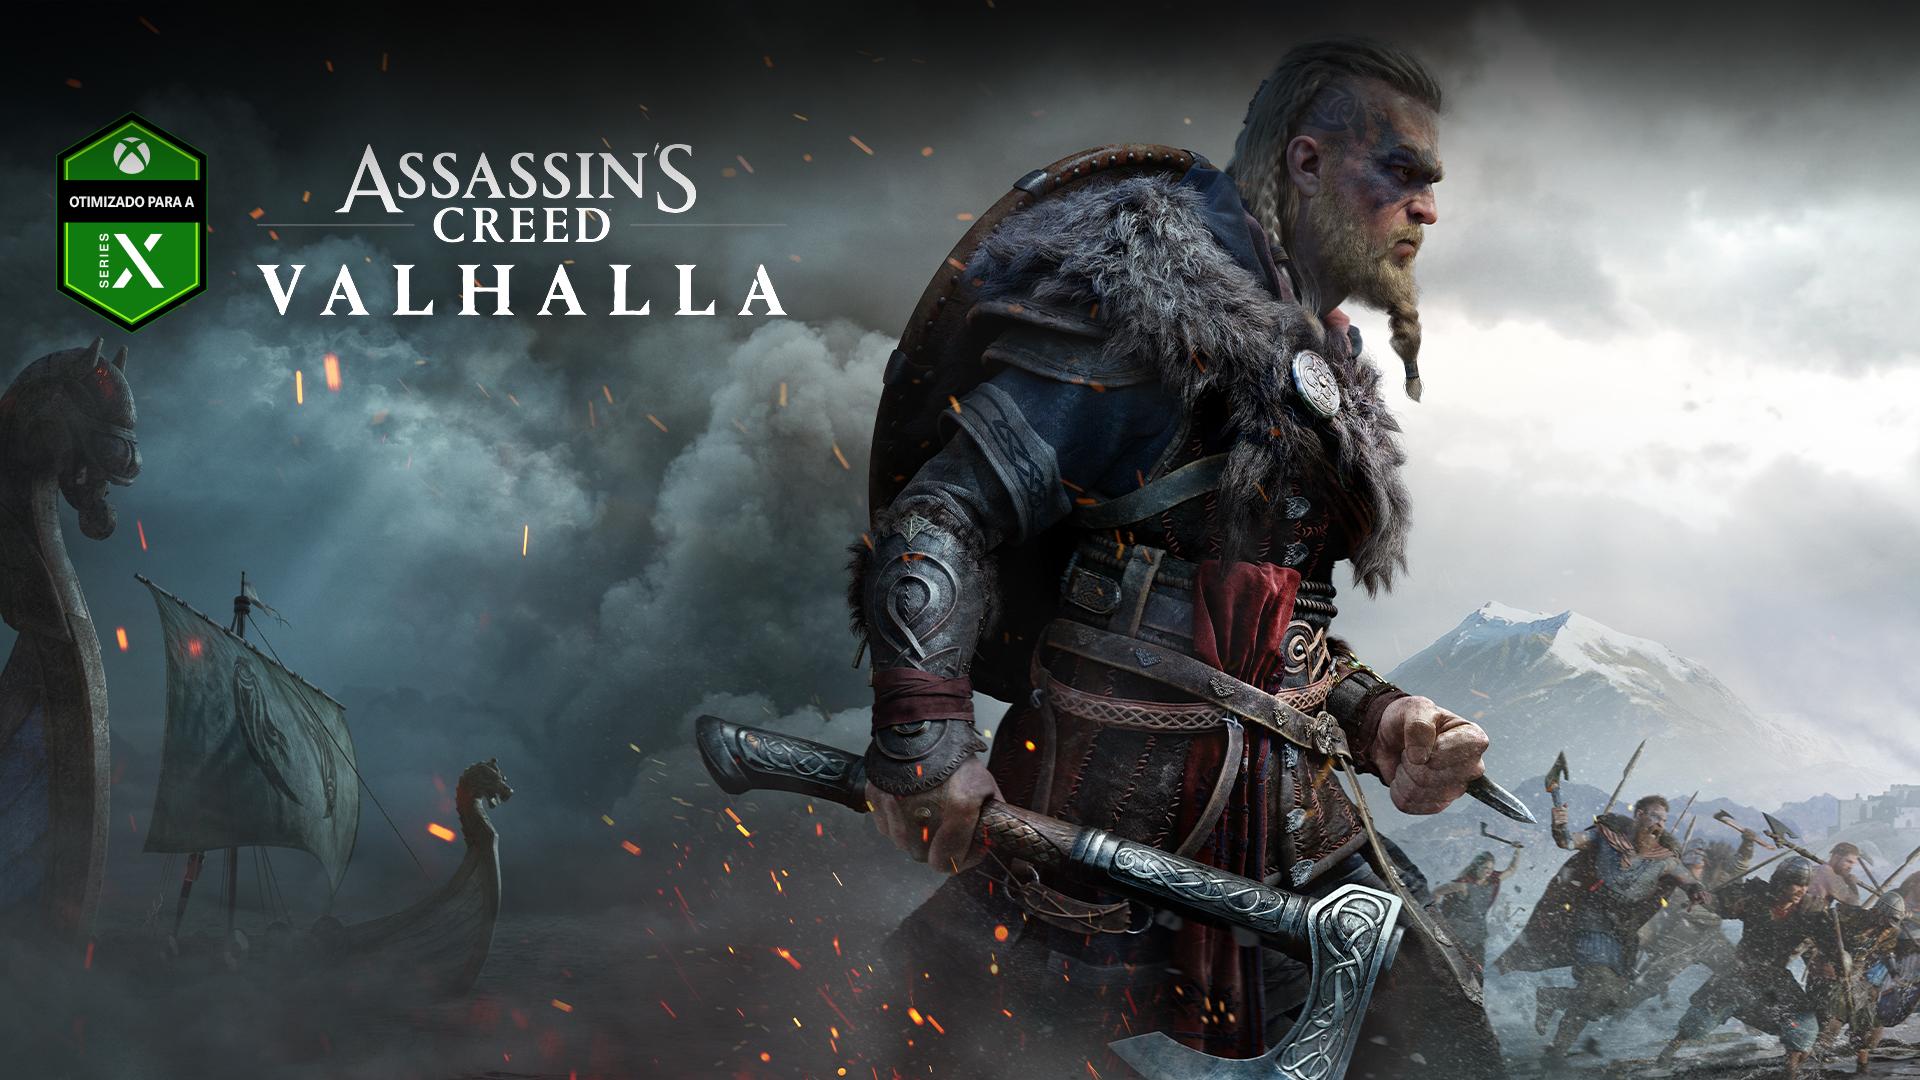 Otimizado para logótipo da Xbox Series X, Assassin's Creed Valhalla, personagem com um machado, navios no nevoeiro e uma batalha